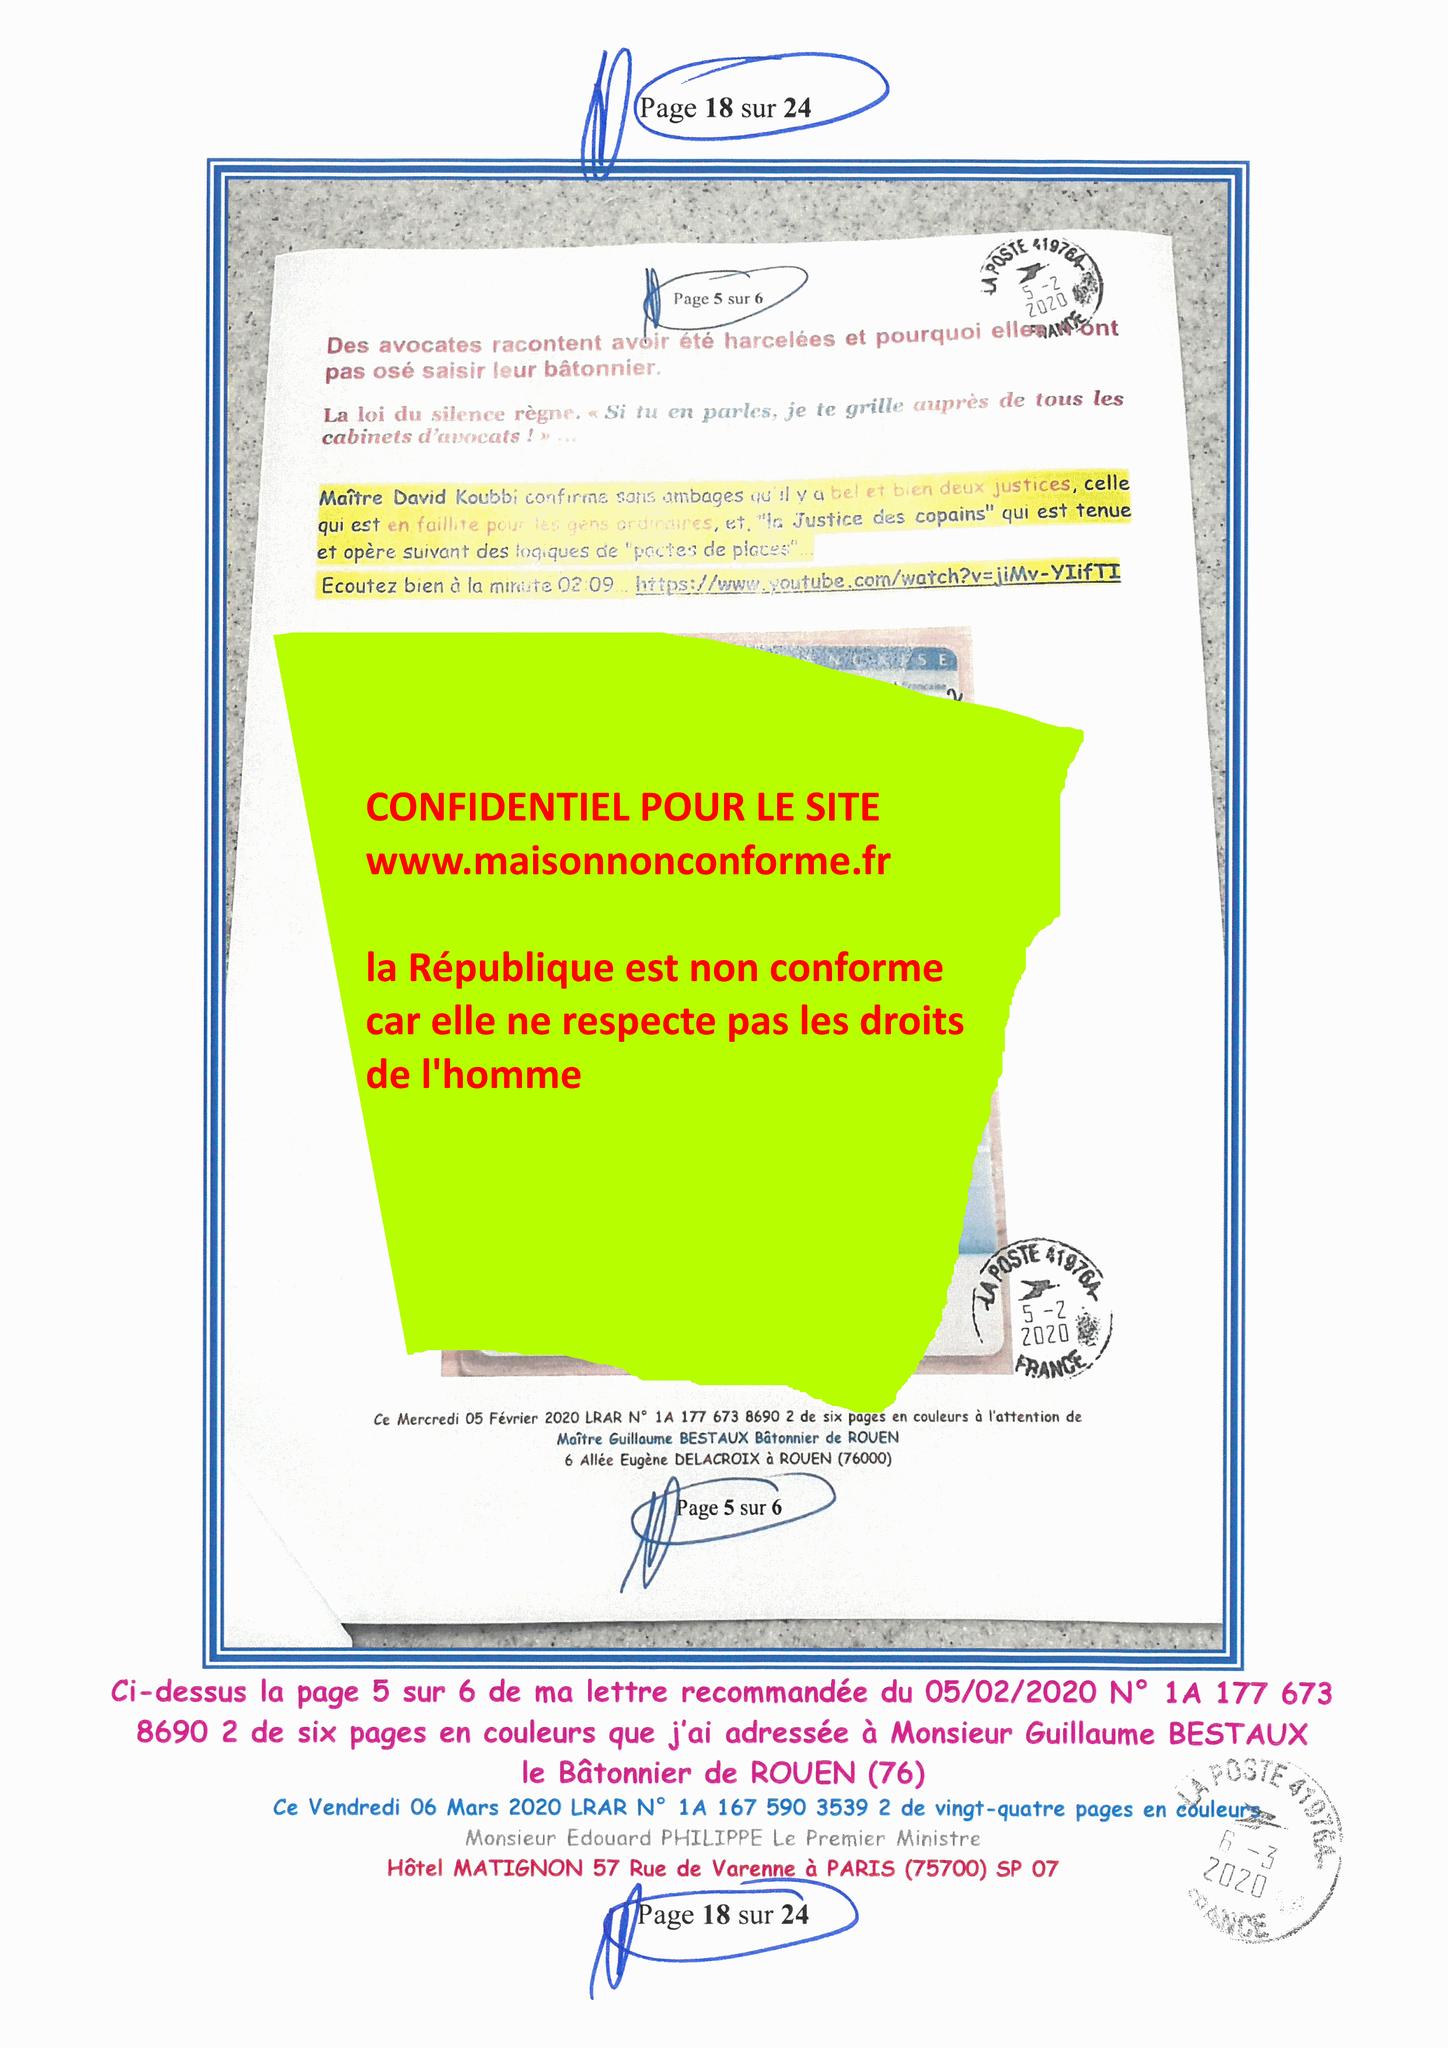 Ma LRAR à Monsieur le  Premier Ministre Edouard PHILIPPE N° 1A 167 590 3539 2 Page 18 sur 24 en Couleur du 06 Mars 2020  www.jesuispatrick.fr www.jesuisvictime.fr www.alerte-rouge-france.fr